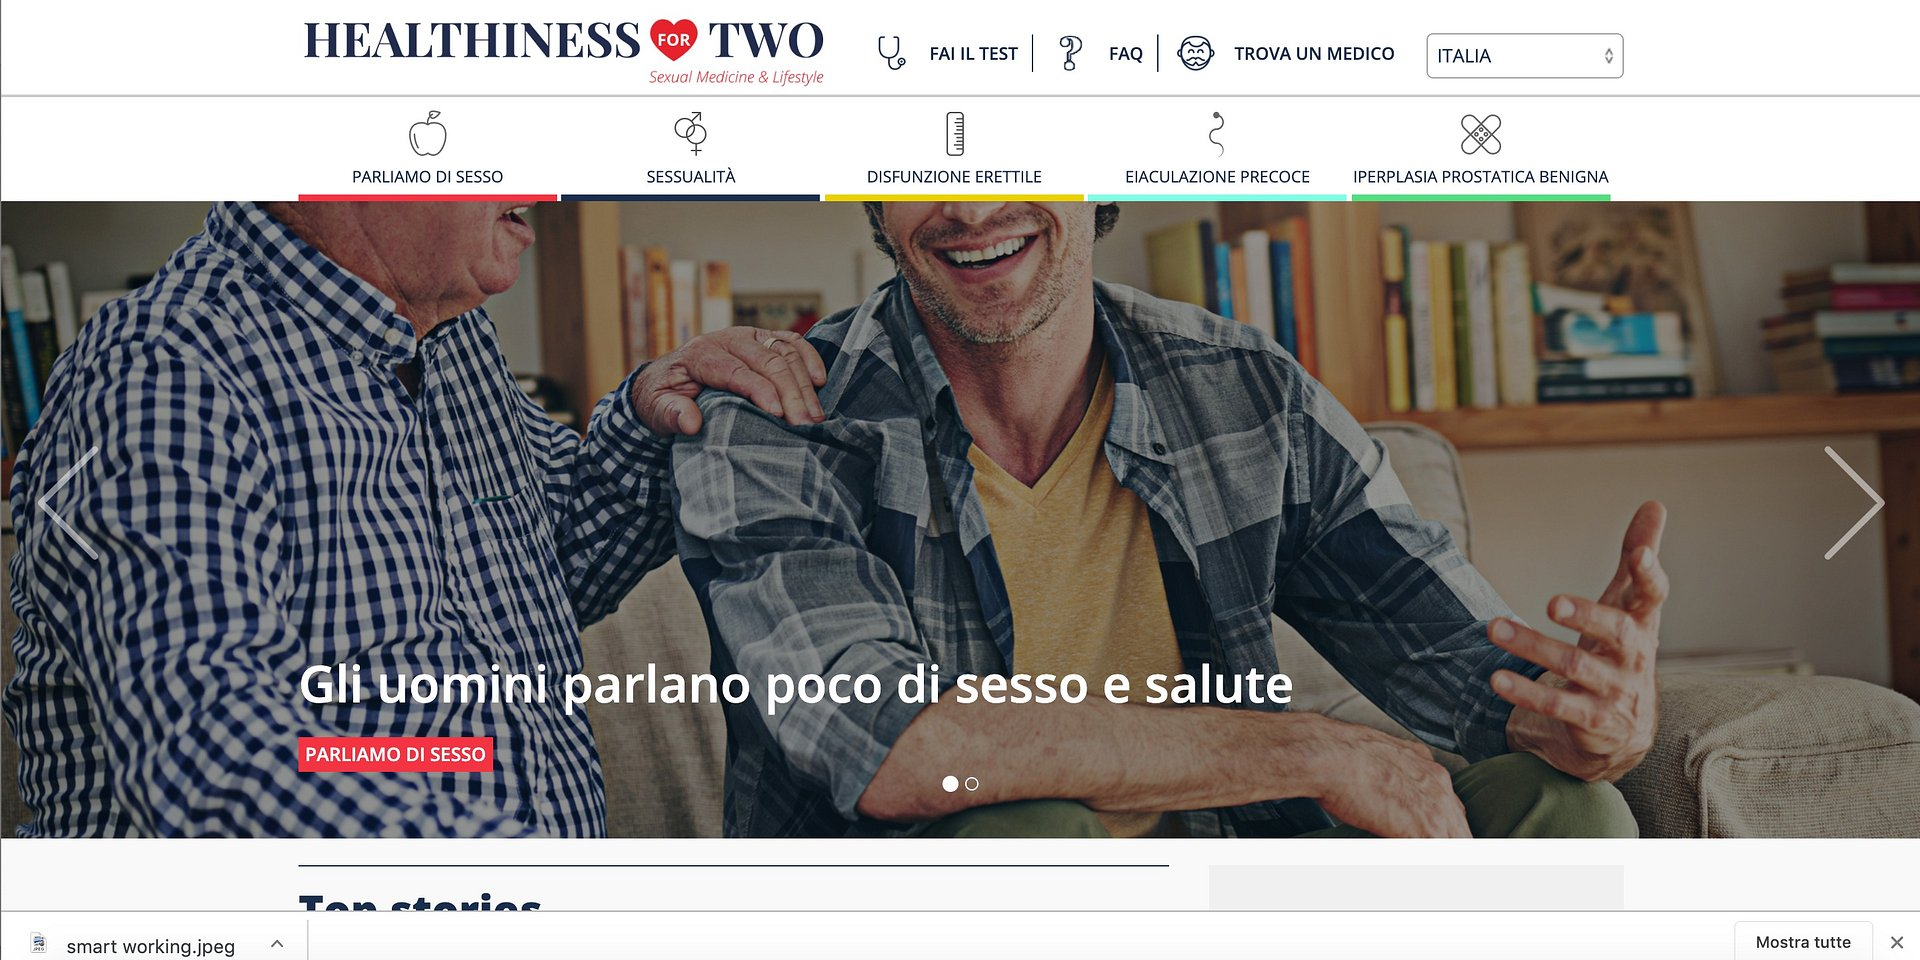 MioDottore e Menarini Group diventano partner in un nuovo progetto per promuovere il benessere sessuale